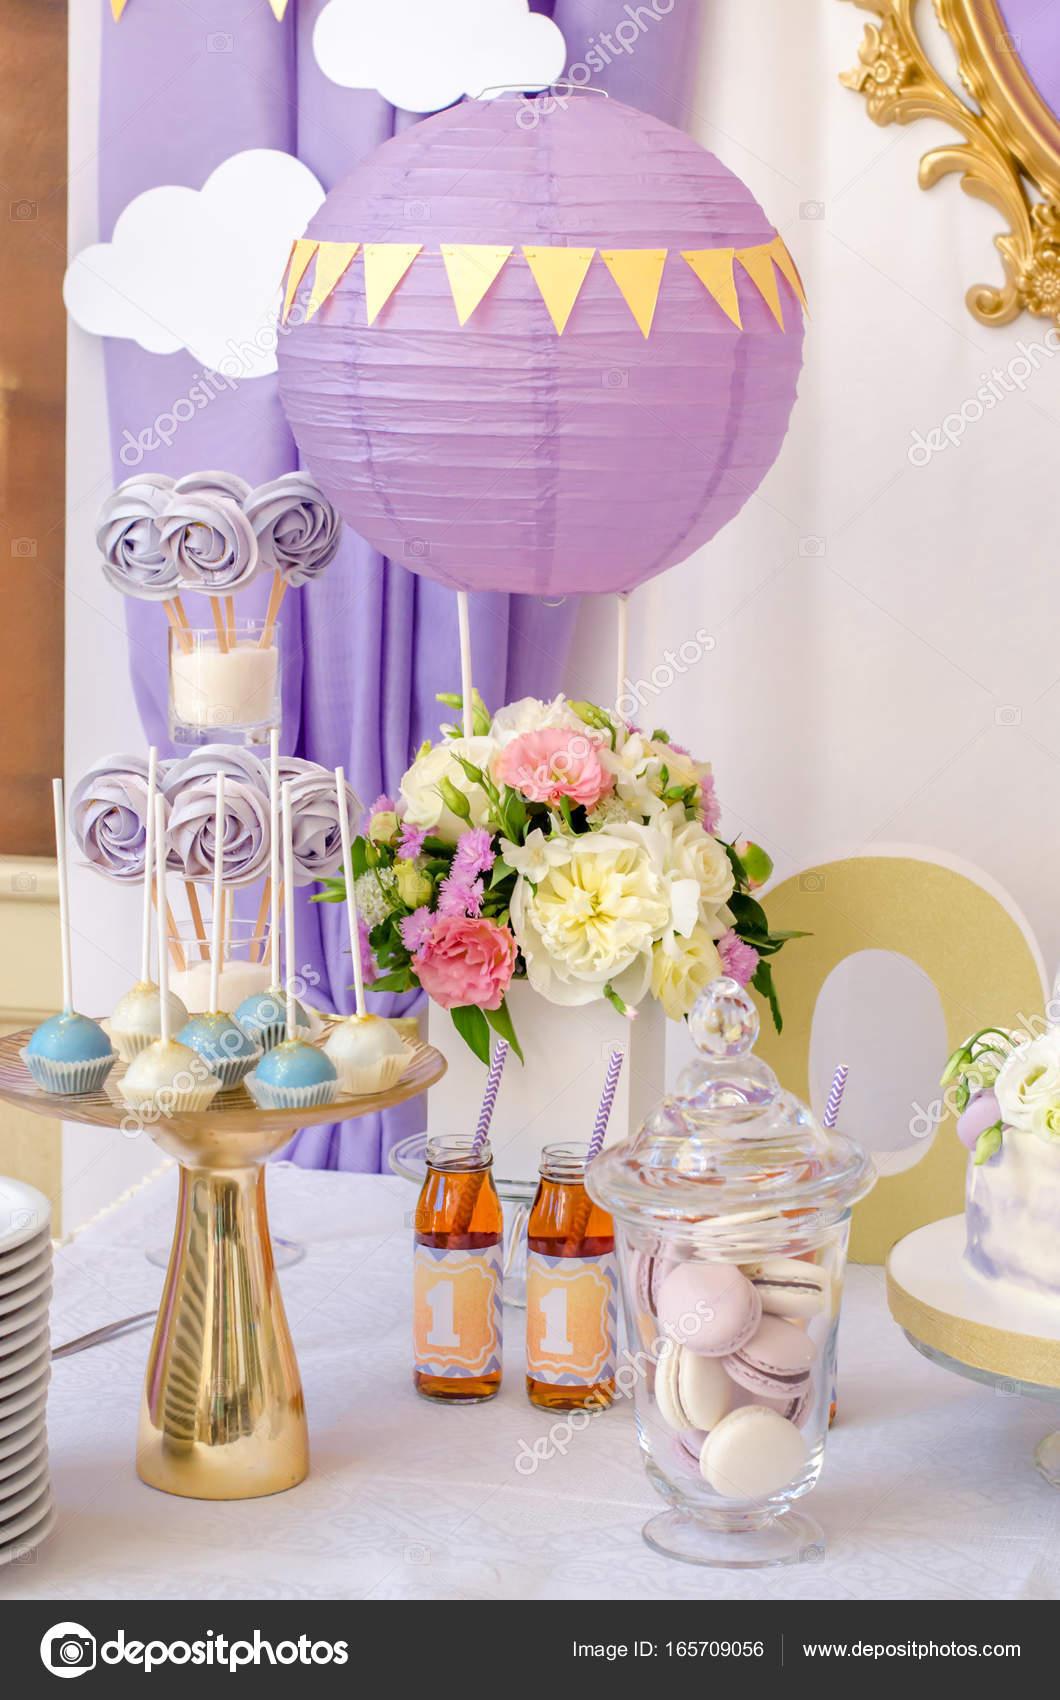 Interieur decoratie voor verjaardag van een kind for Decoratie verjaardag